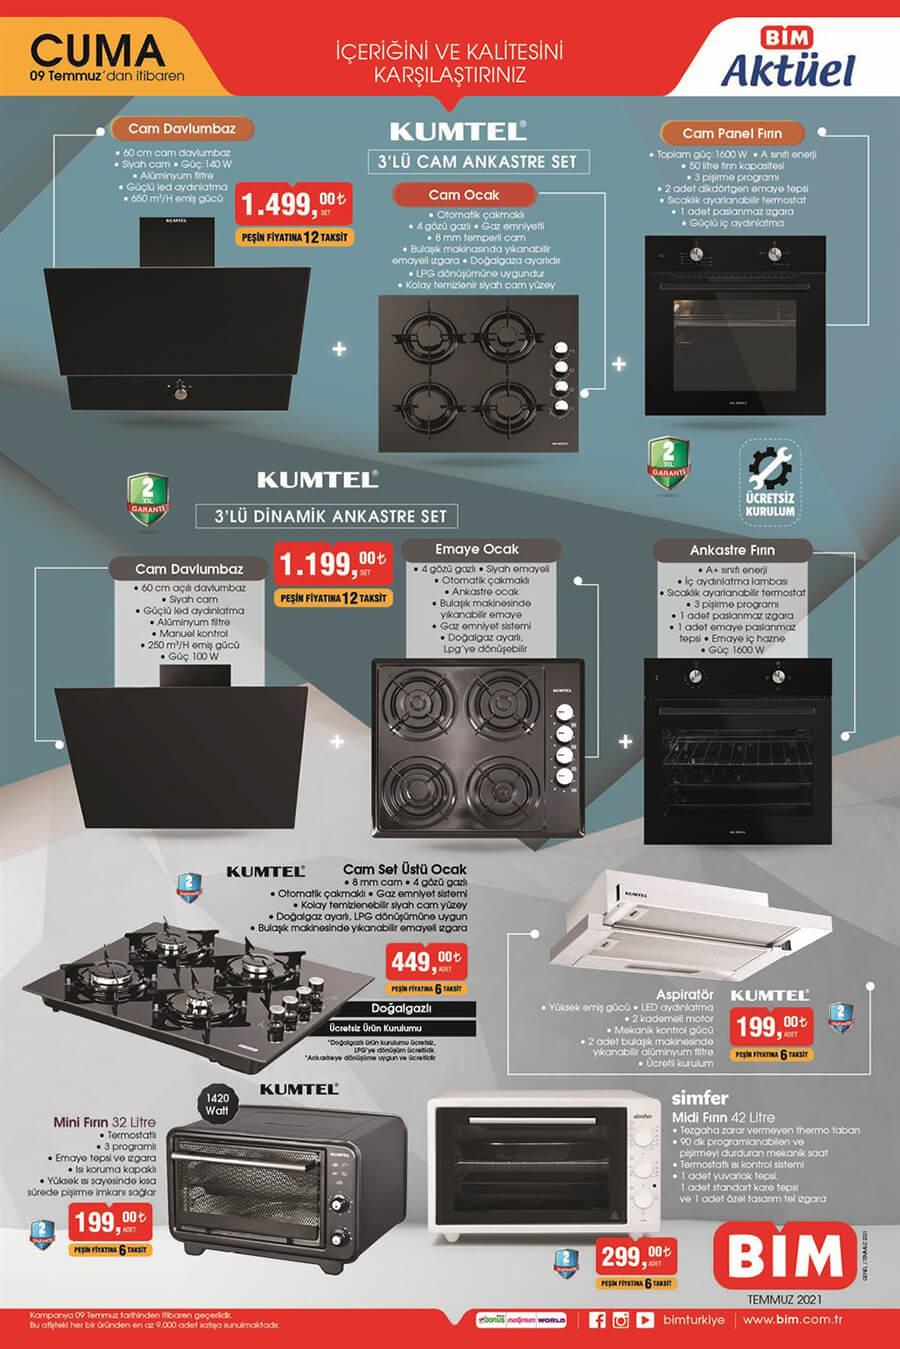 Bim 9 Temmuz 2021 Aktüel Ürünler Kataloğu Sayfa 1 - Kumtel Ürünleri